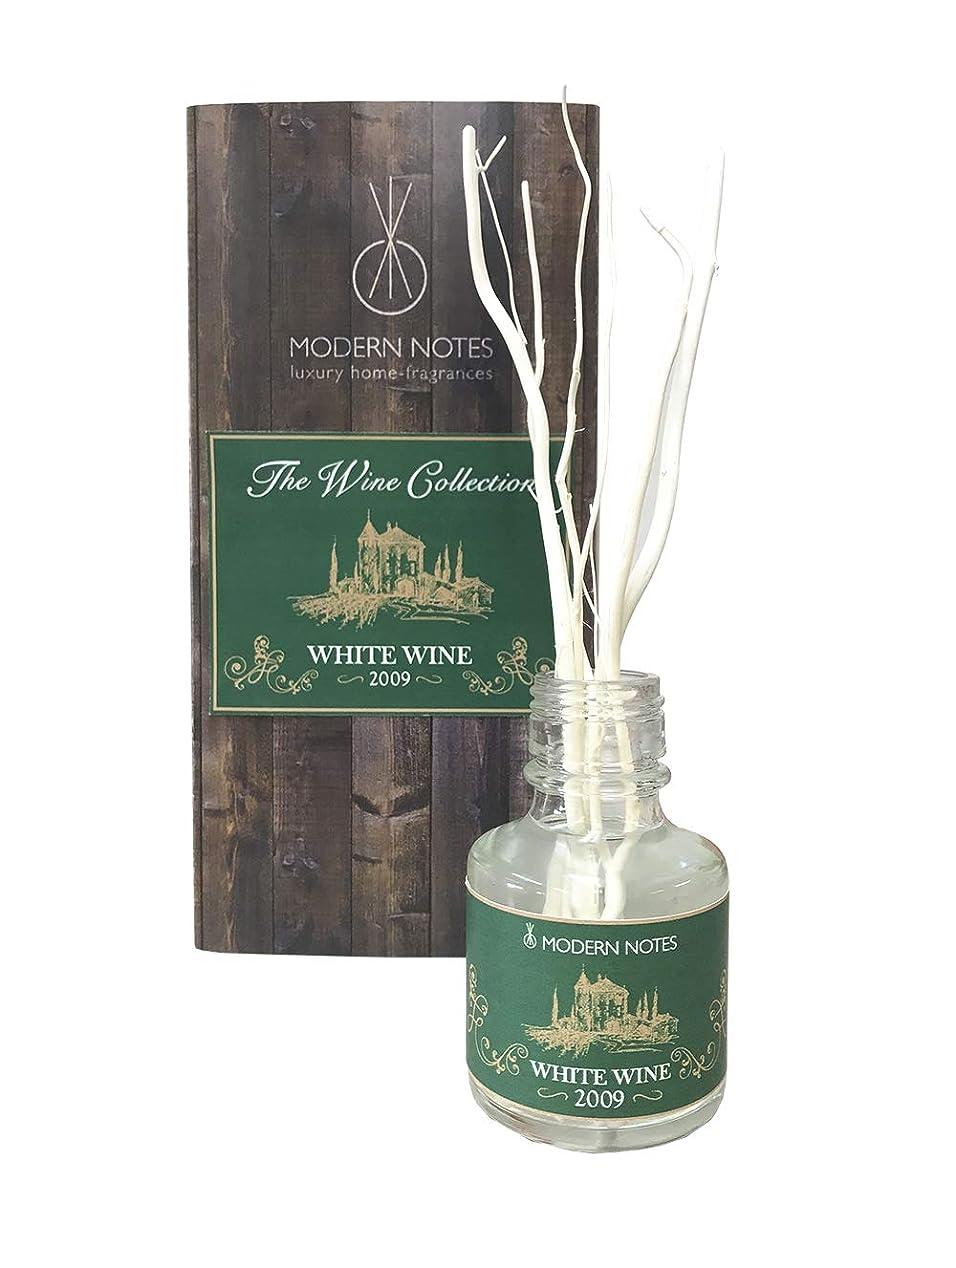 新着ばかげている混乱させるMODERN NOTES ワインコレクション リードディフューザーミニ 2009 WHITE WINE 90mL